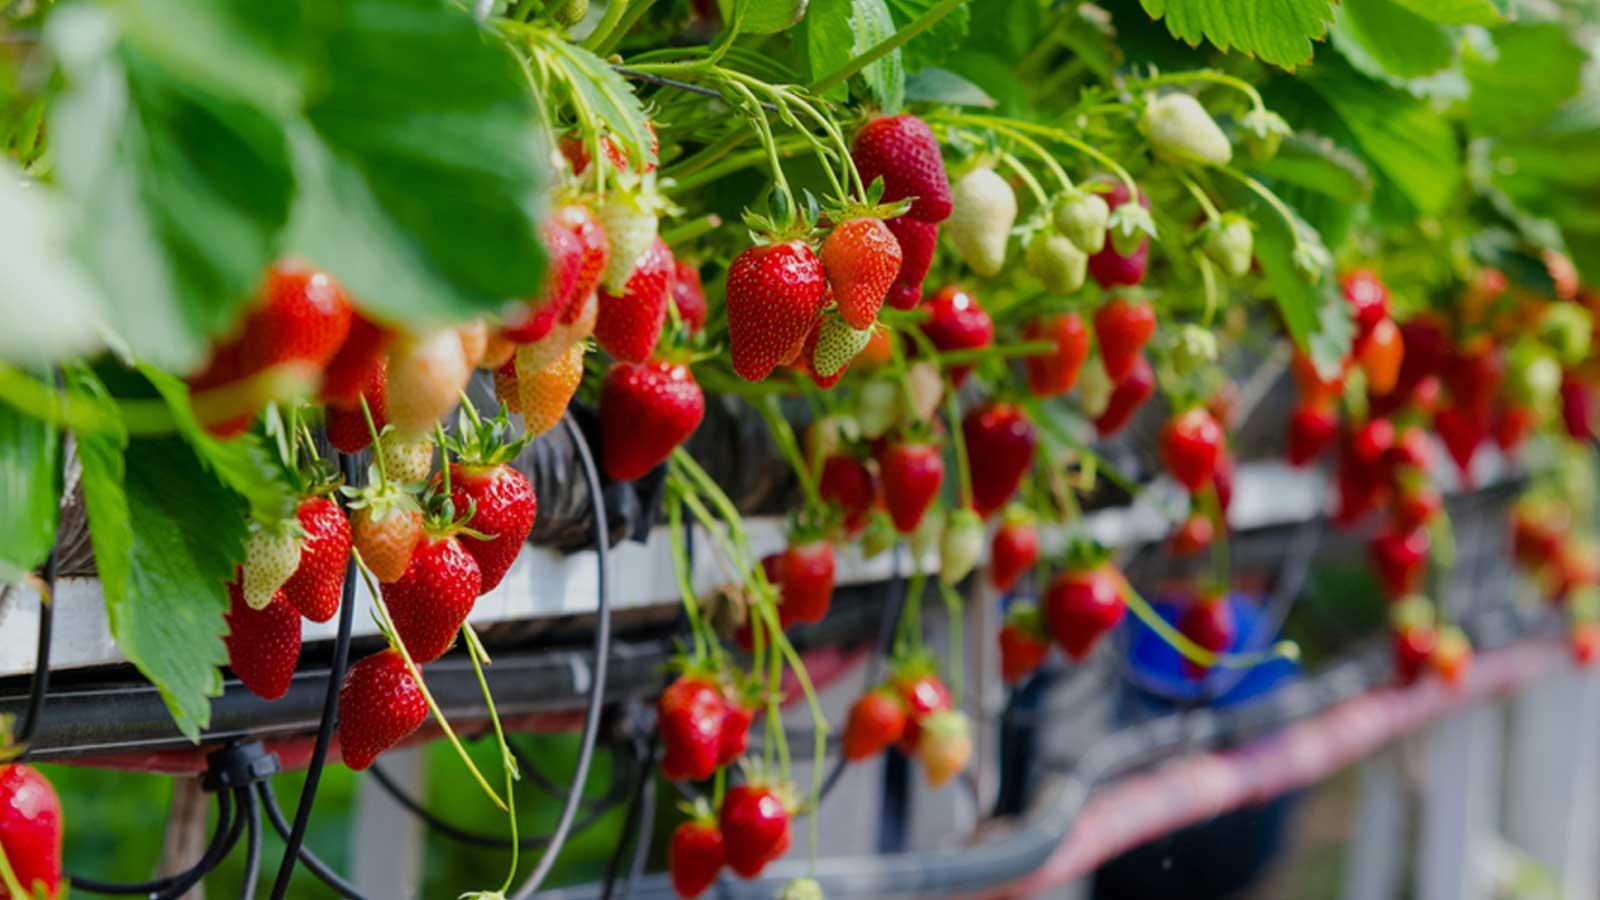 پرورش توت فرنگی در گلخانه